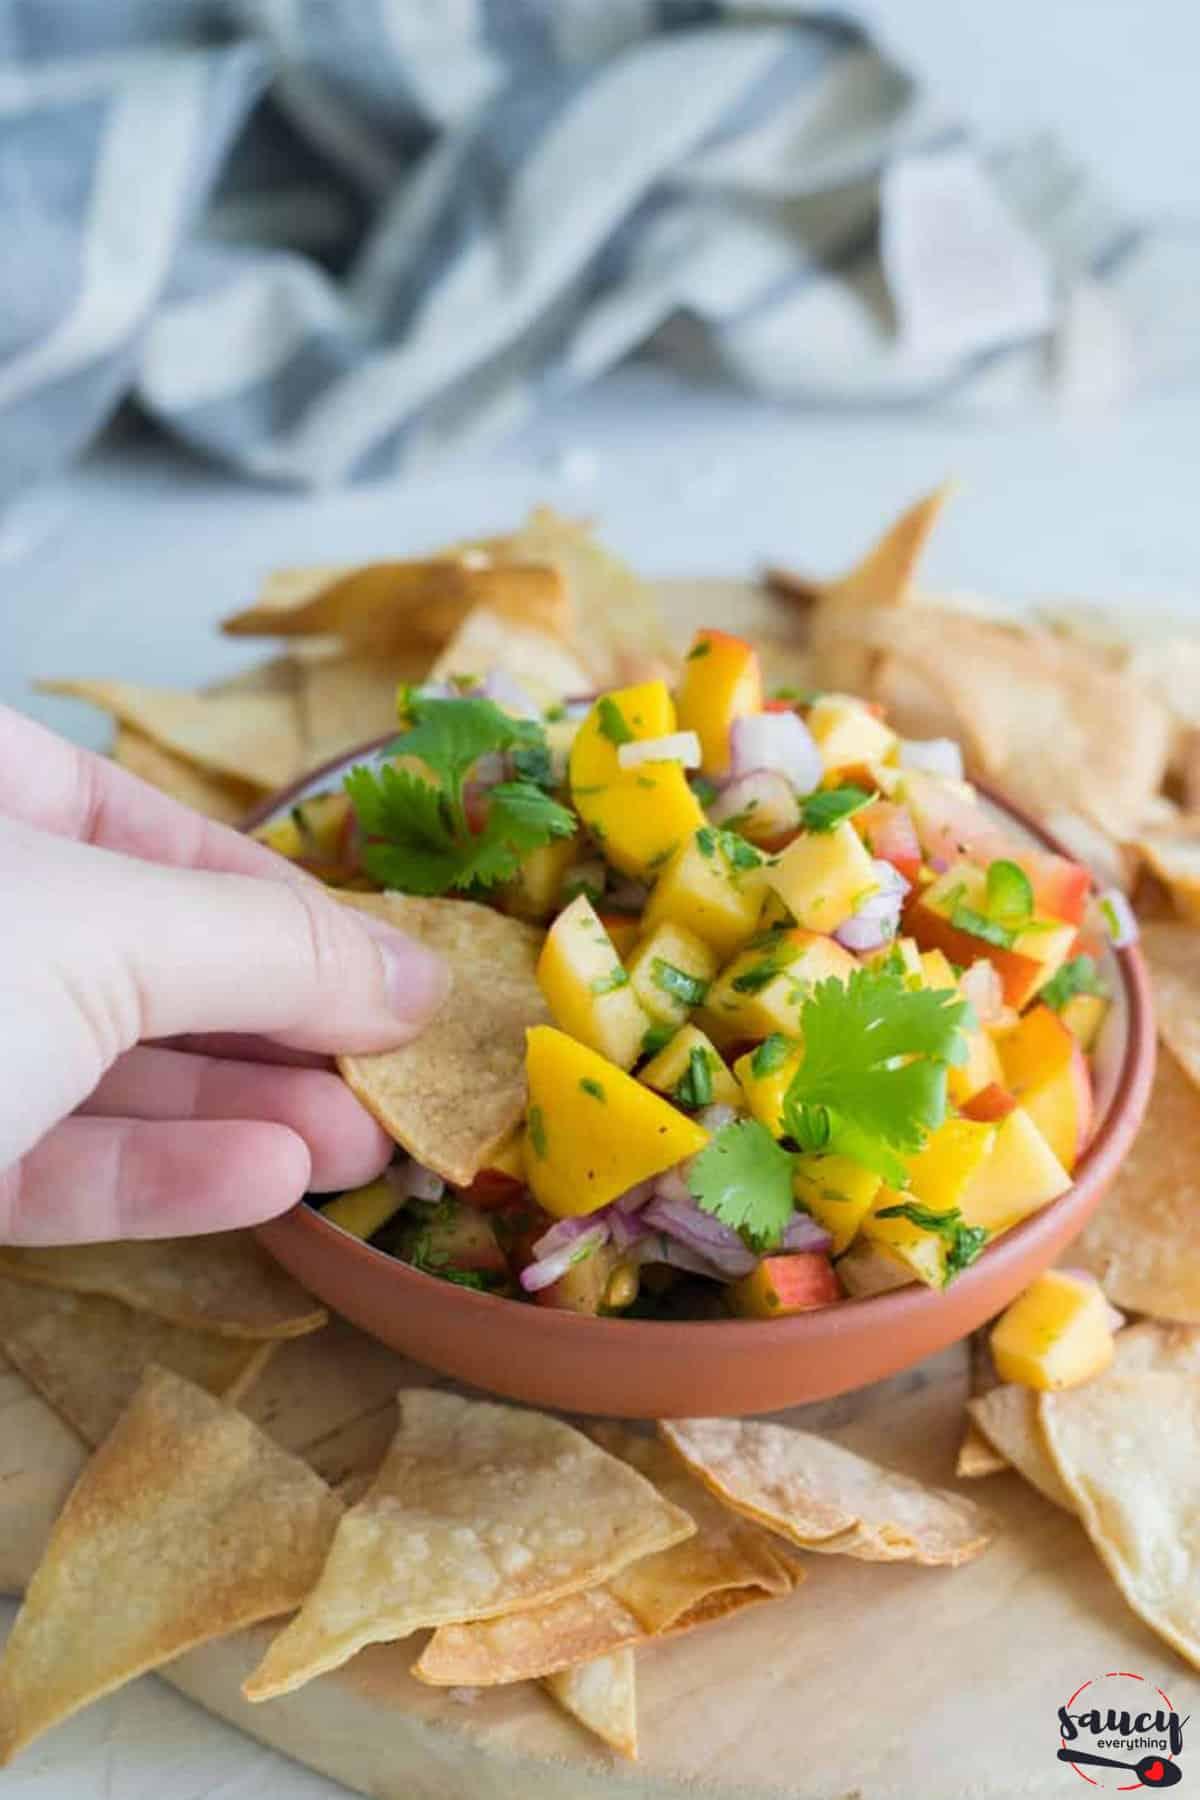 Dipping a chip into peach mango salsa